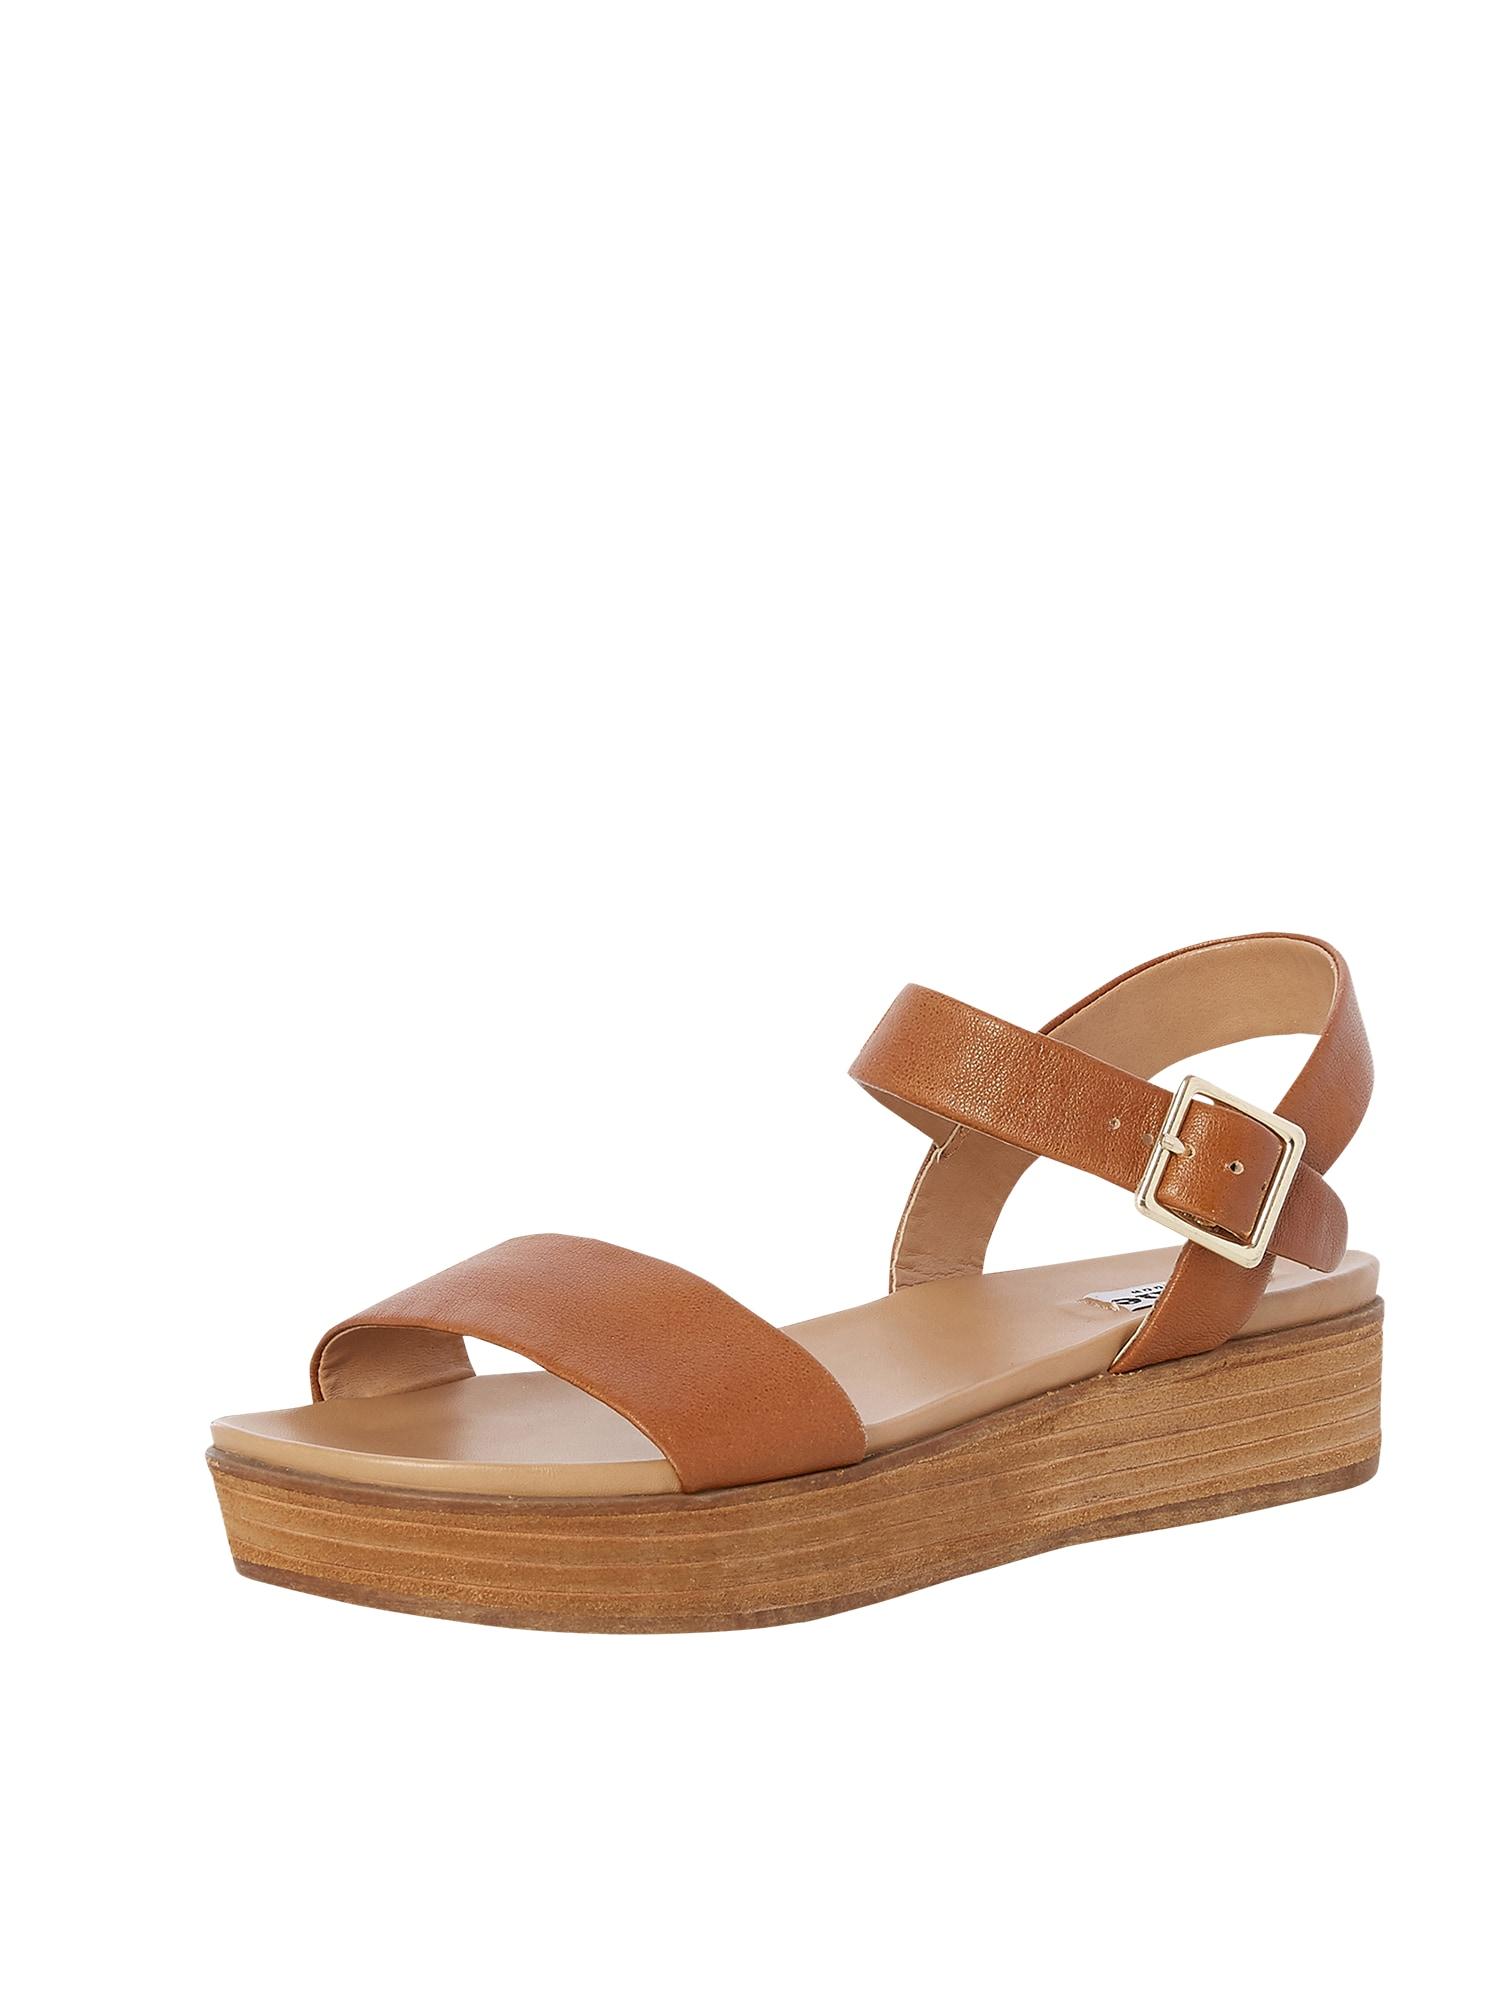 Páskové sandály LILYBETH koňaková Dune LONDON